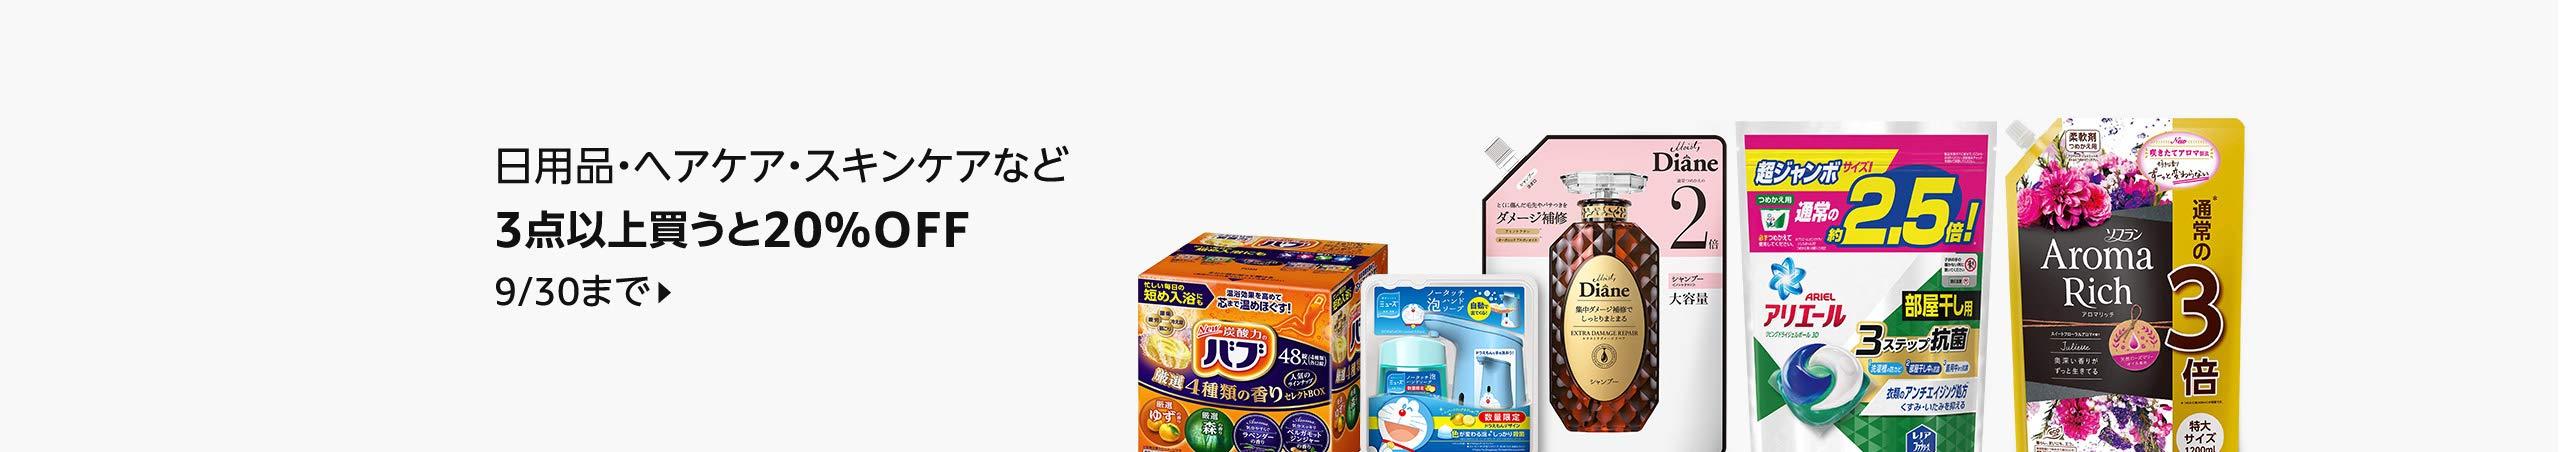 【アマゾン】 まとめ買い応援セール実施中 9月30日まで